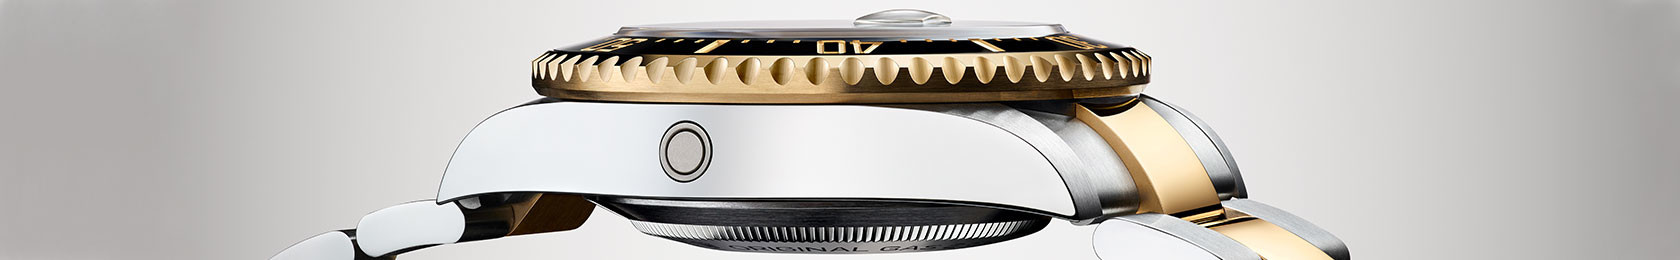 Seitenansicht einer Rolex Sea-Dweller